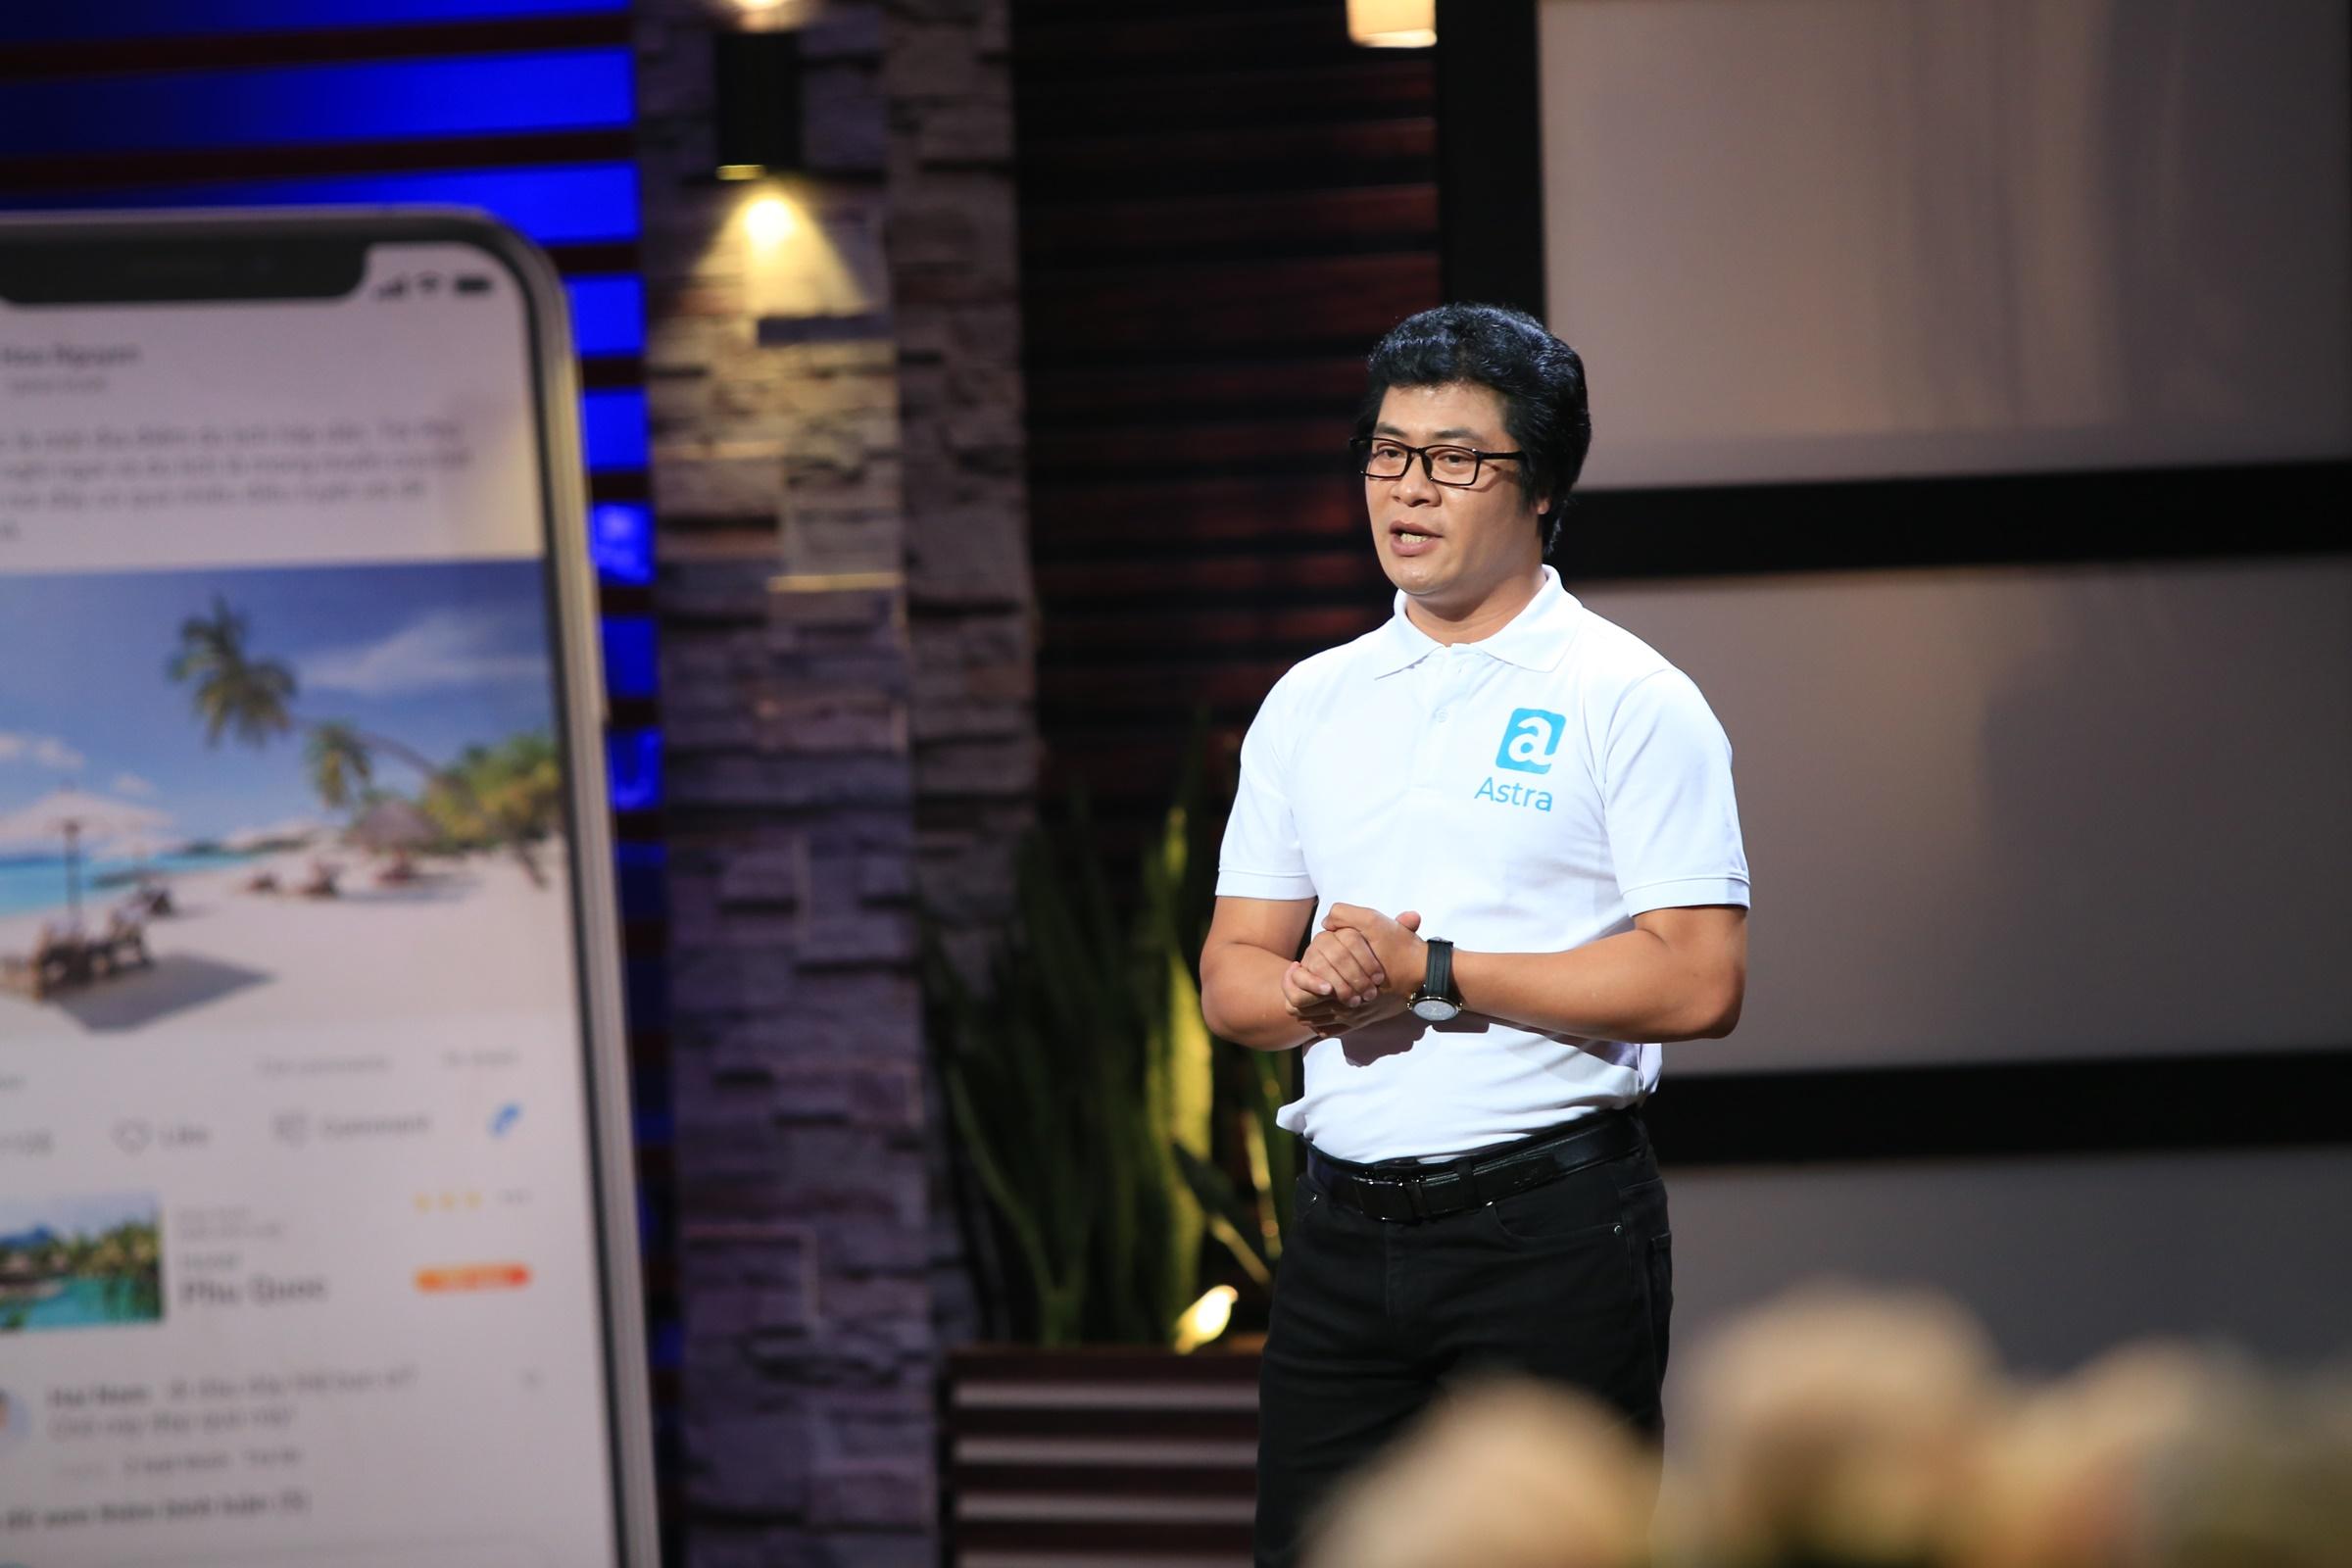 Chưa ra mắt sản phẩm, startup mạng xã hội du lịch vẫn được phó chủ tịch CenGroup cam kết đầu tư 1 triệu USD